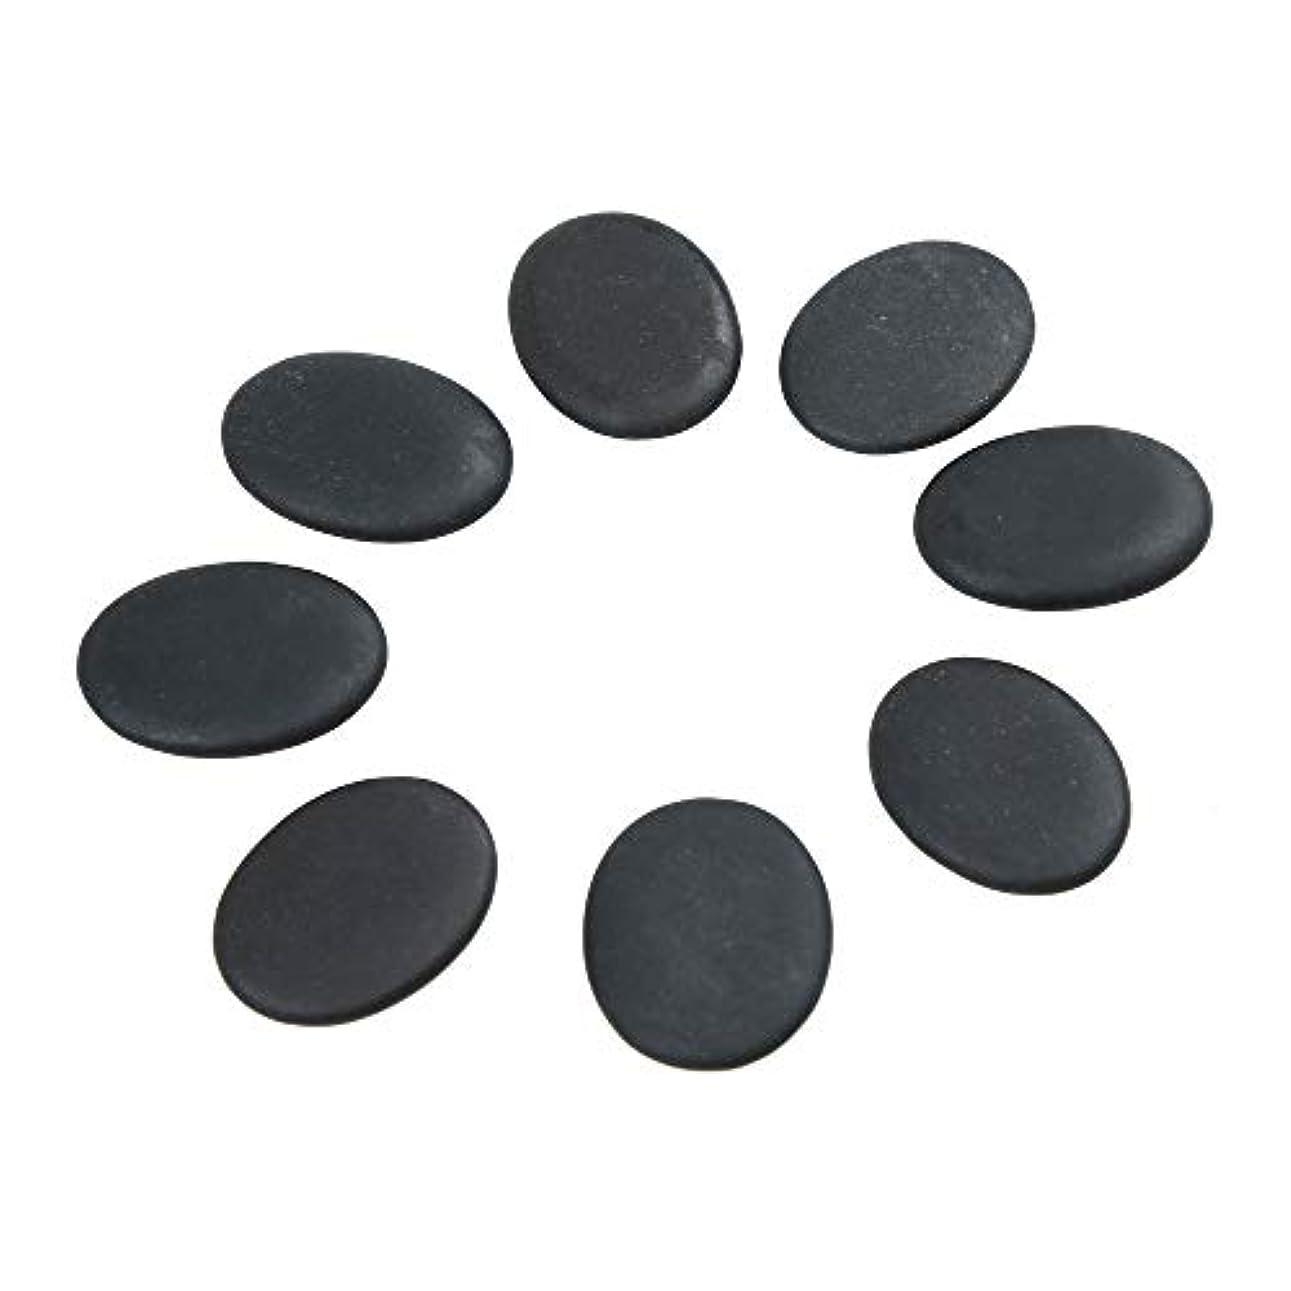 リビジョンわかるかけるWindfulogo 8個入りホットマッサージストーンセット天然溶岩玄武岩スパマッサージ用暖かいストーンブラックBlack1.18 x 1.57 in(3x4cm)